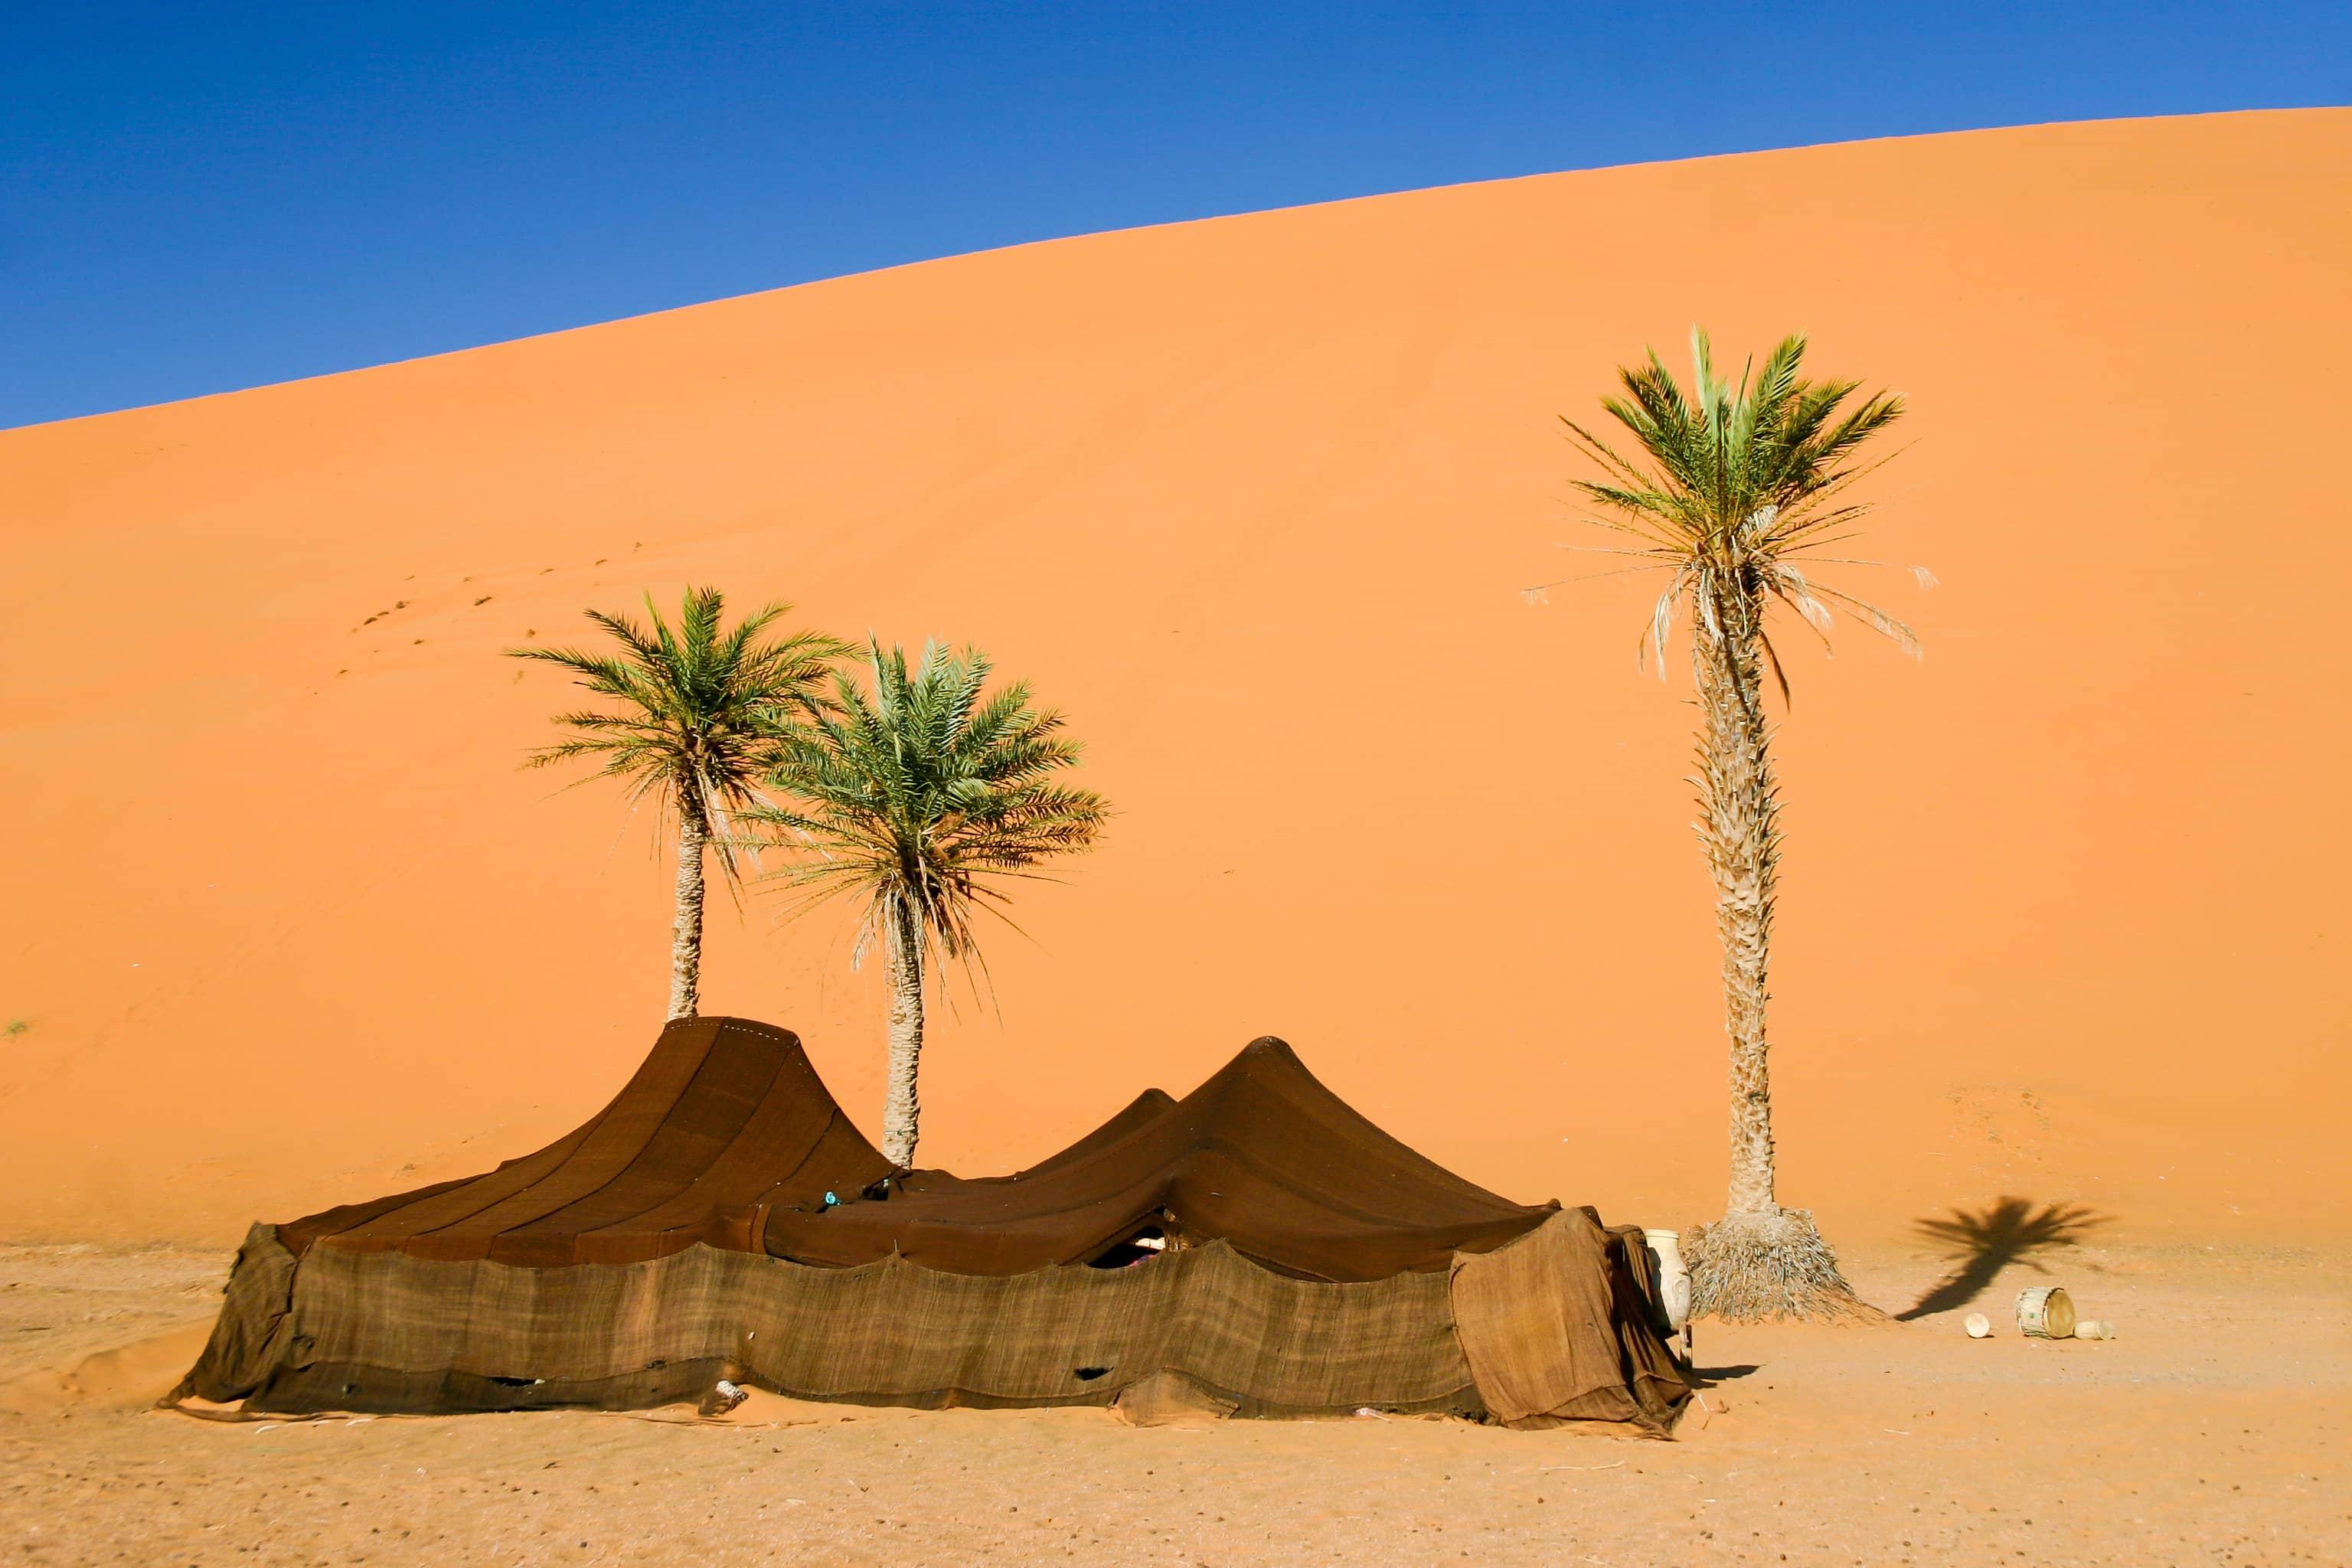 Marrakech. Lujo gastronómico. Nuba everywhere. Tienda campaña bereber